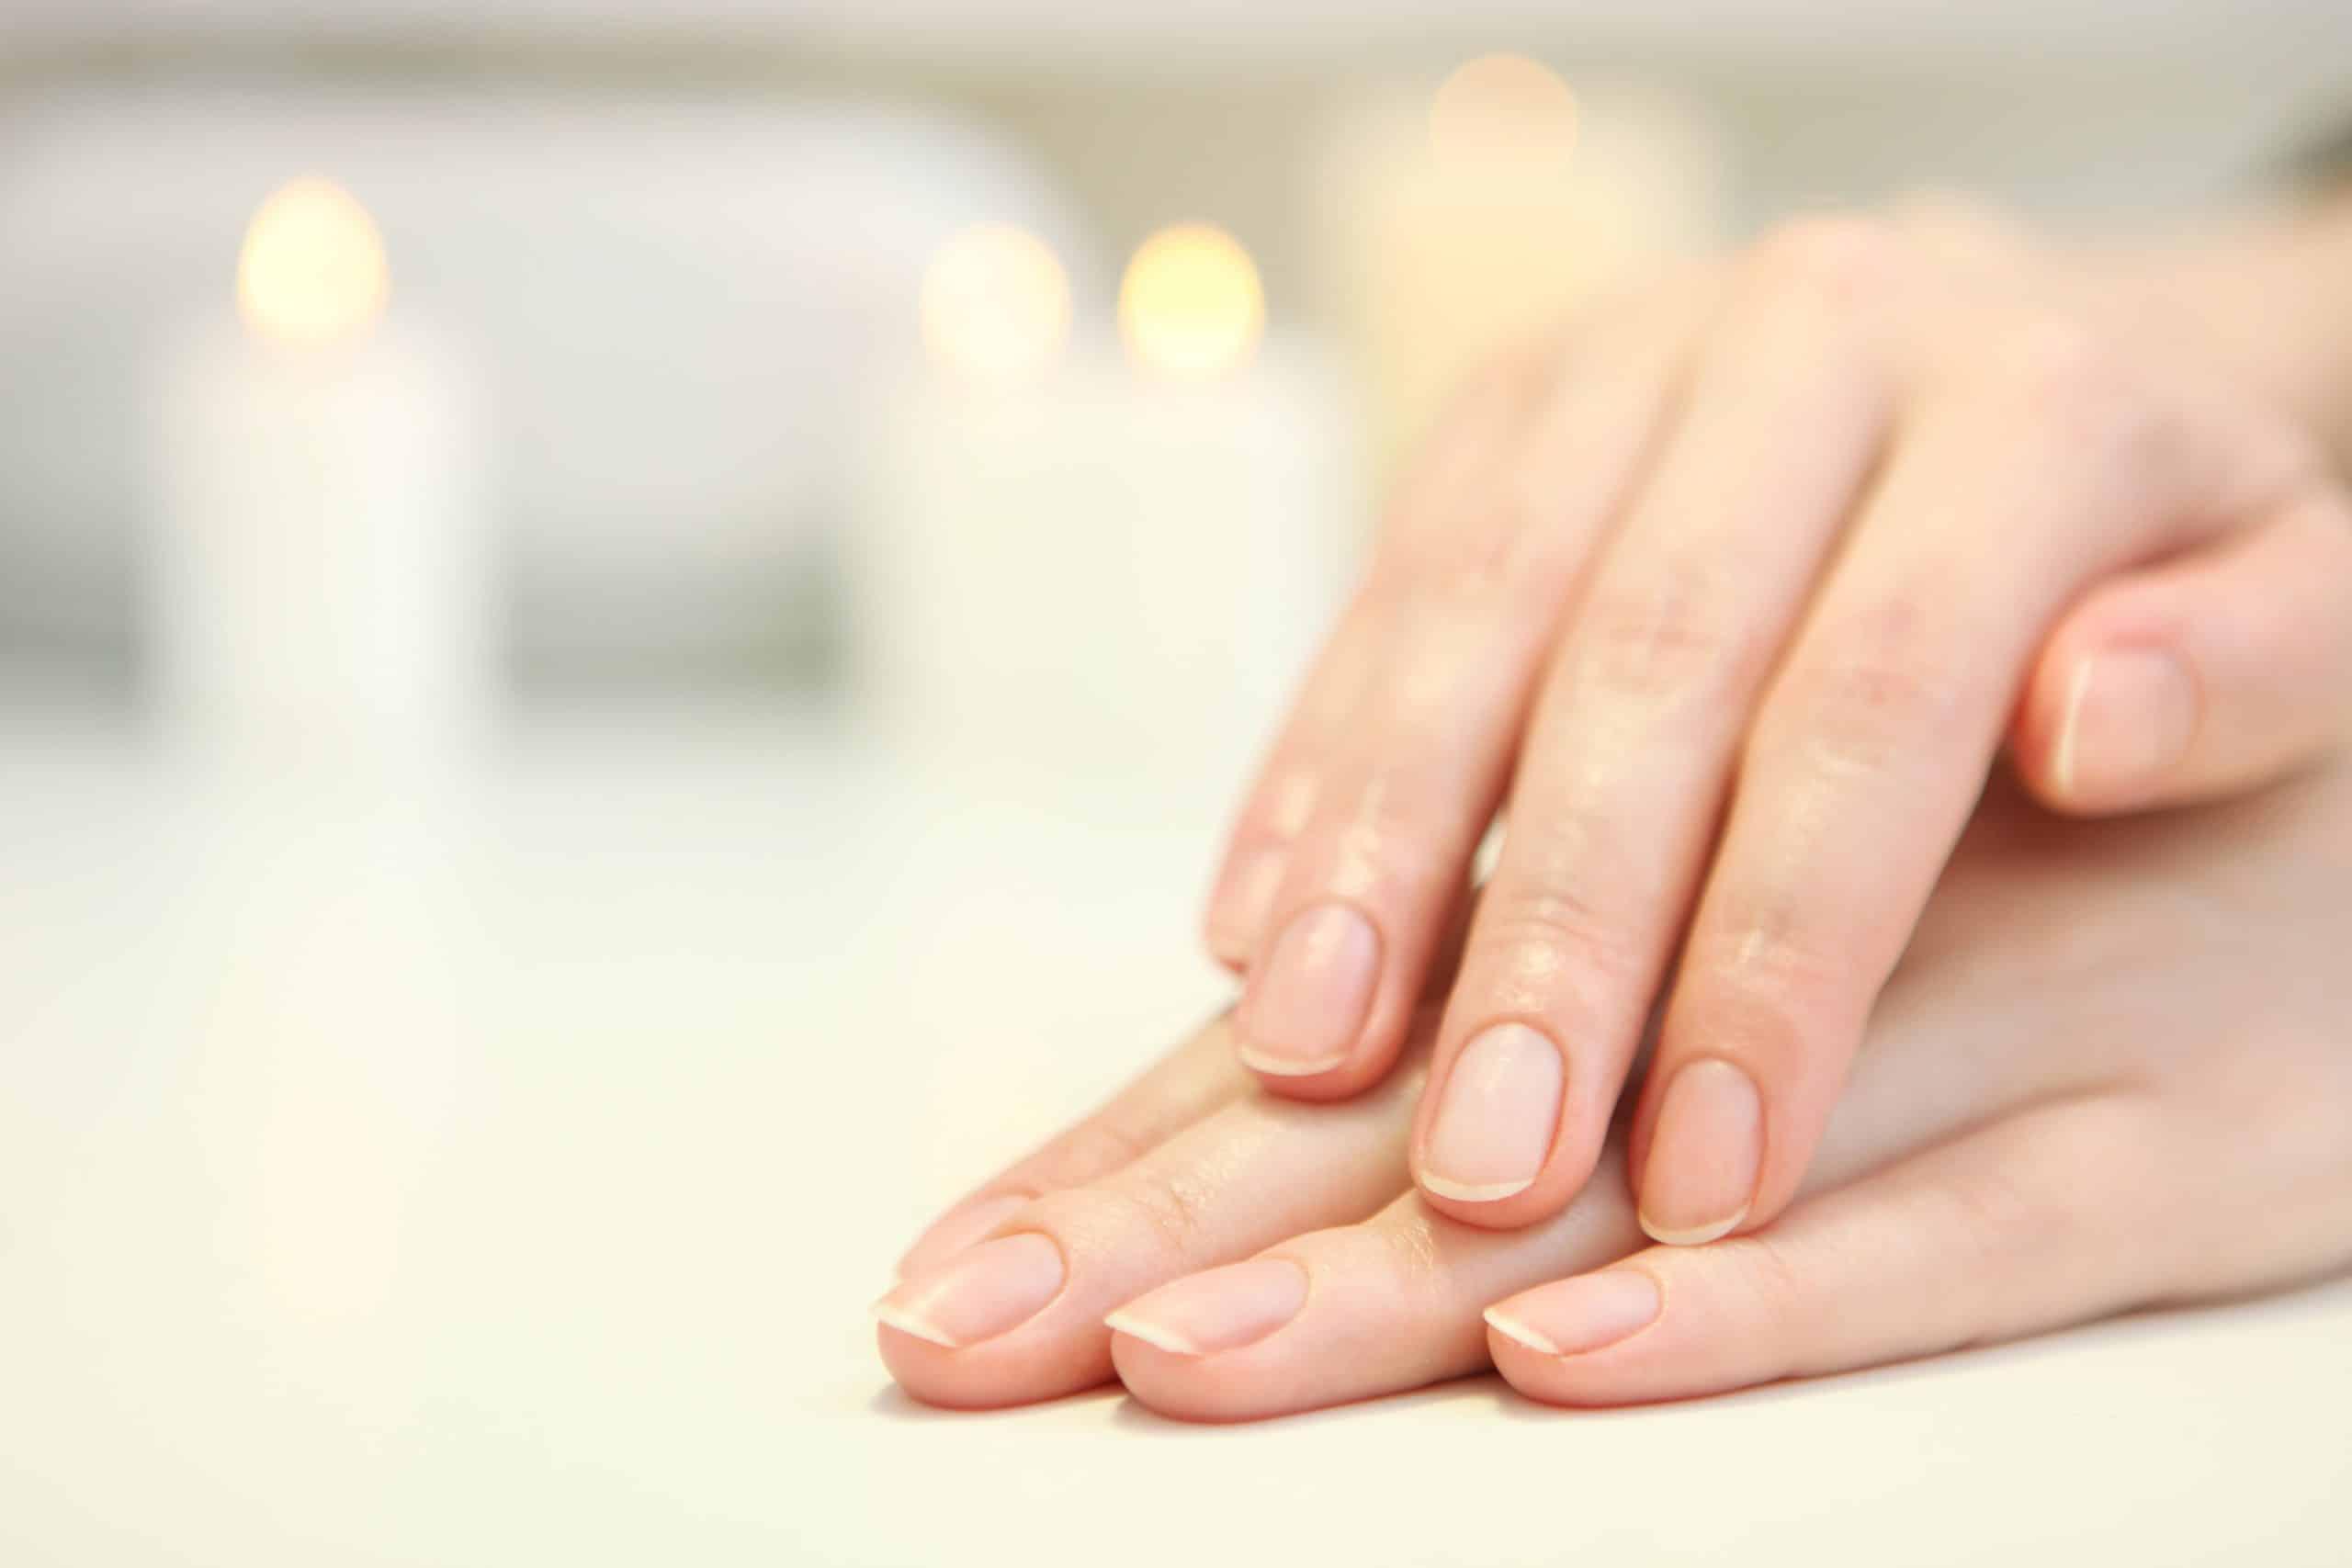 Comment préparer ses ongles avant une manucure ?